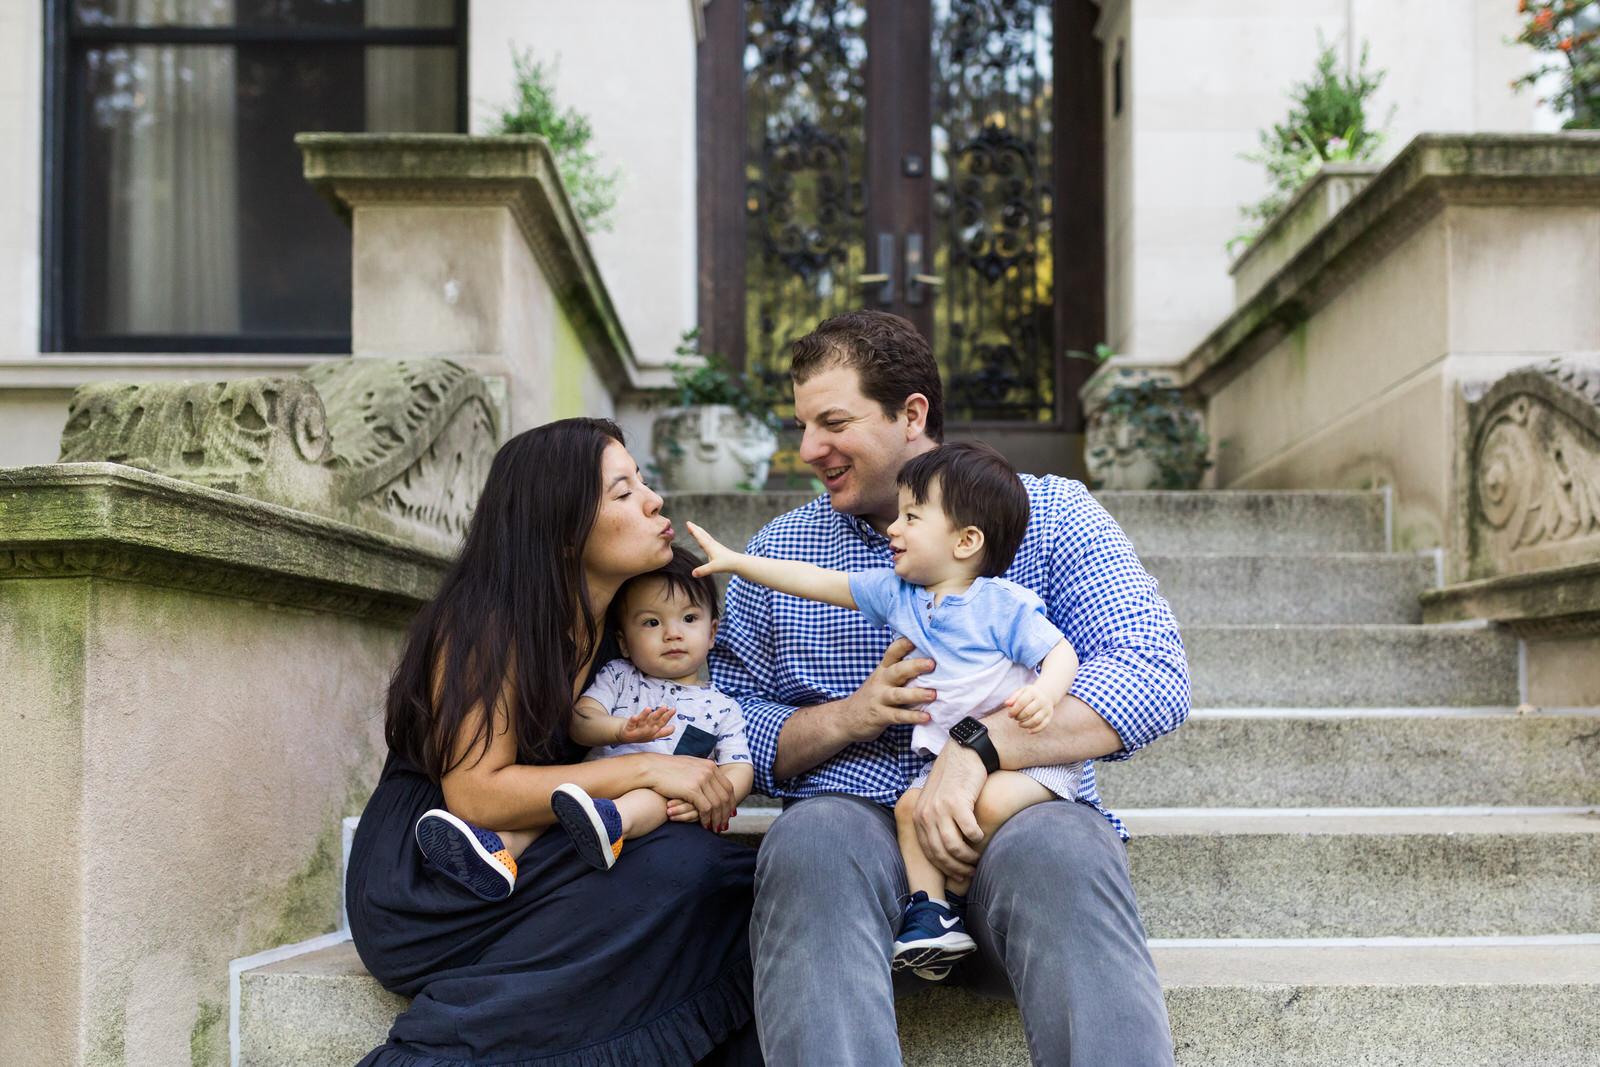 family-photography-brooklyn-ny-09.jpg